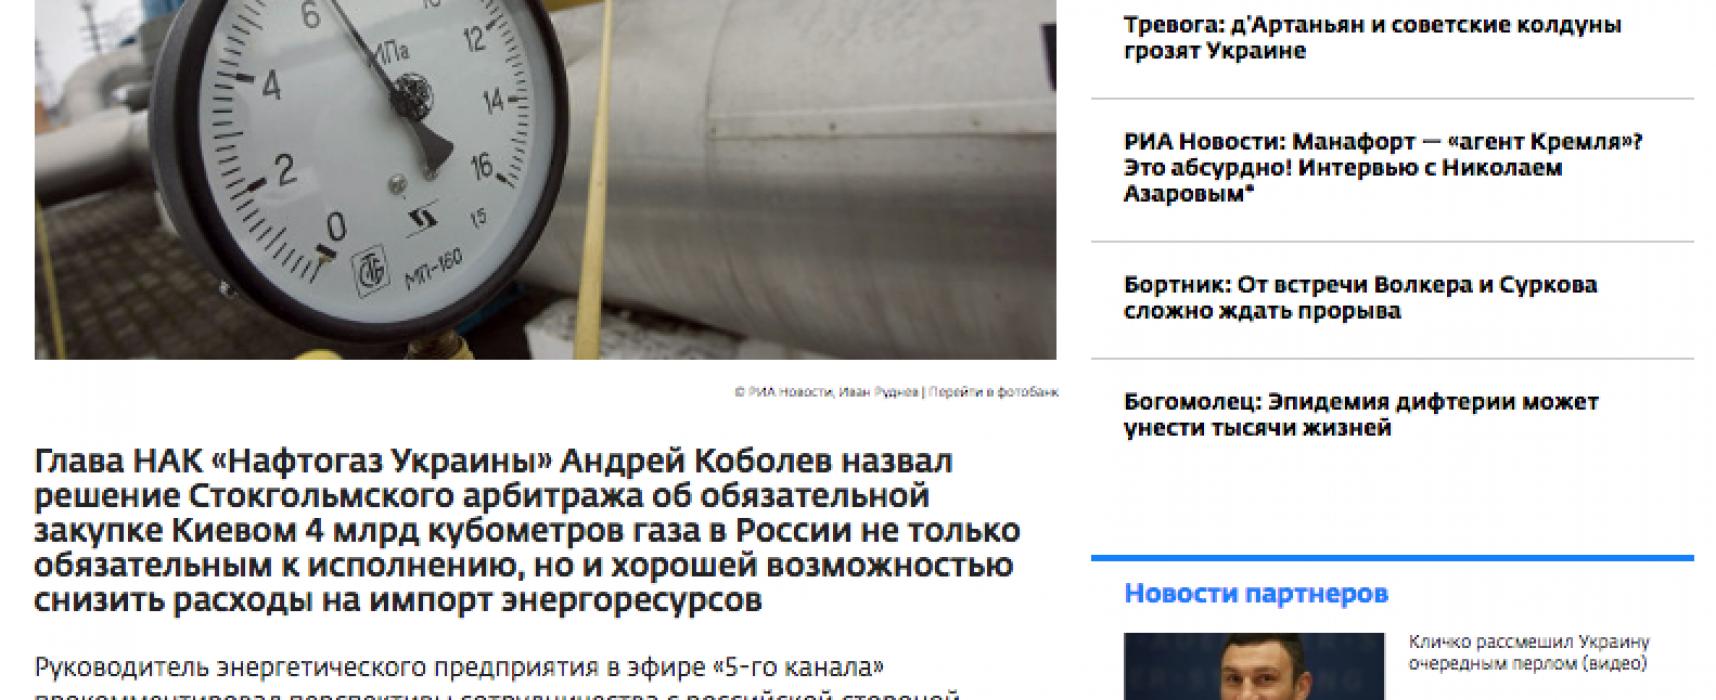 Fake: L'Ucraina riconosce che importare gas dalla Russia è conveniente